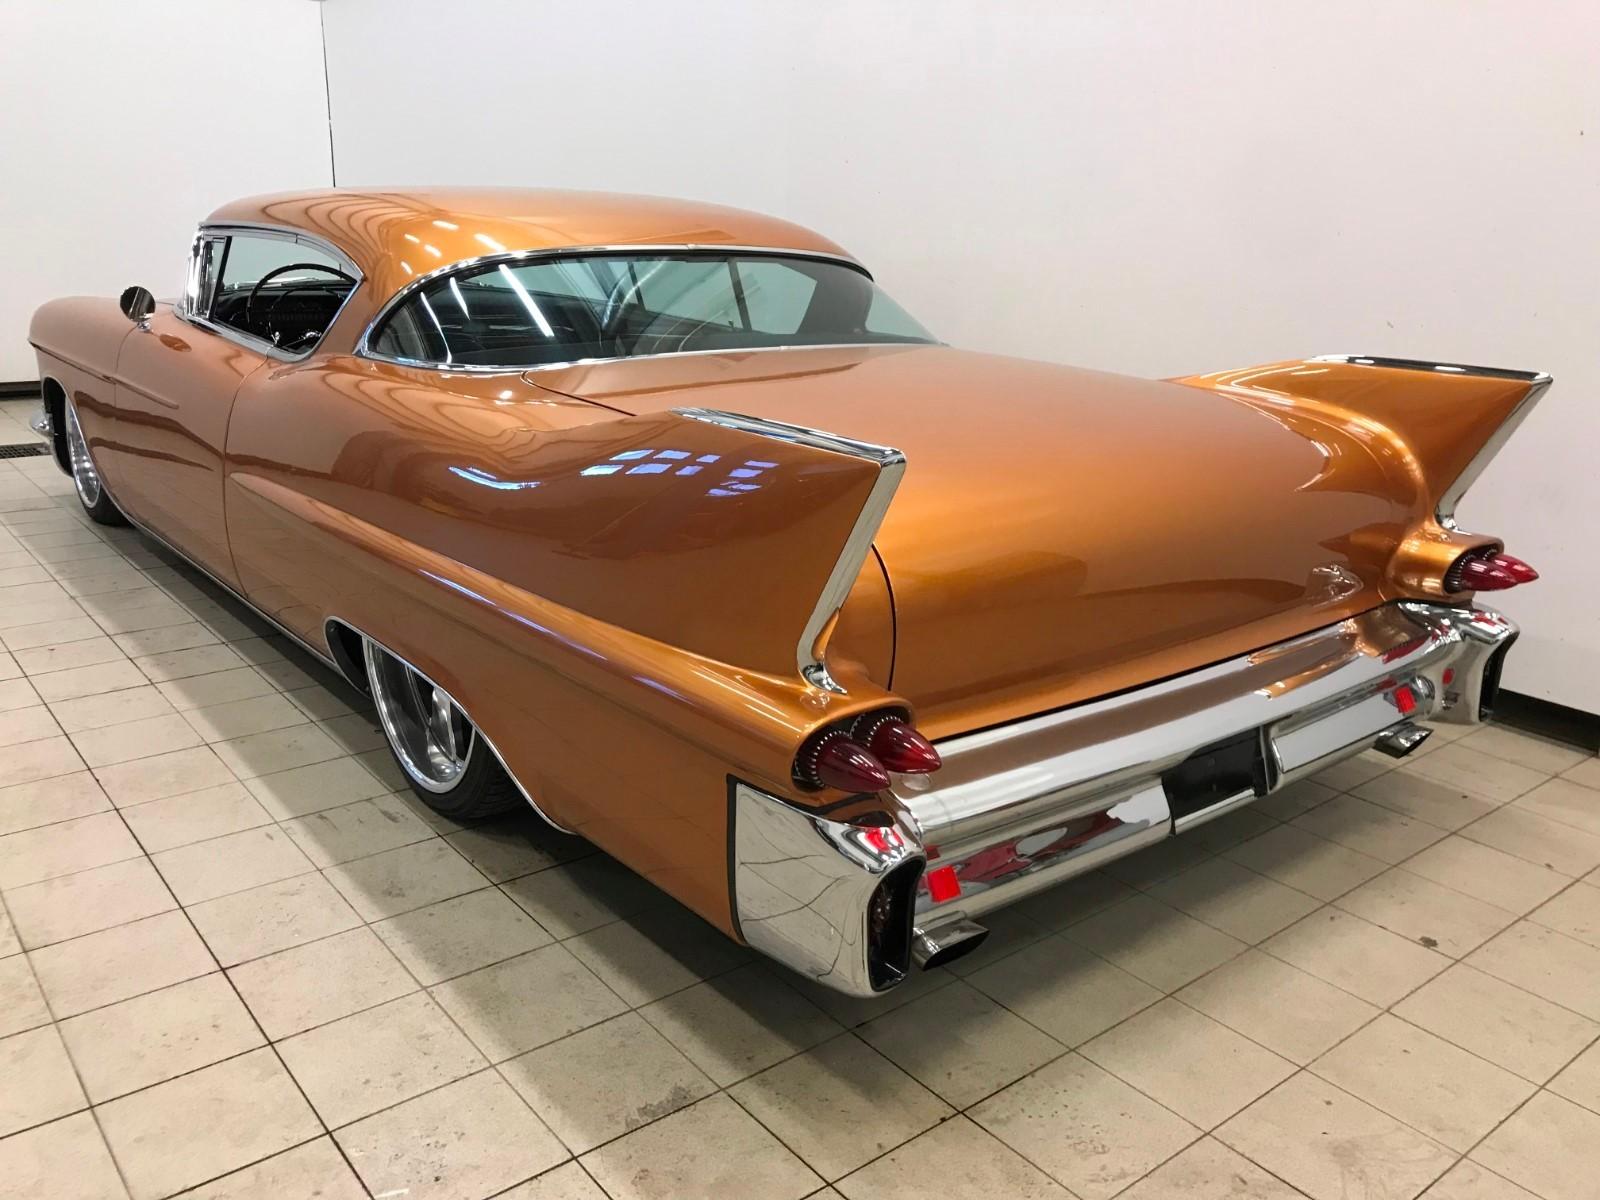 Nydelig bakpart med mye deler fra 1958 Cadillac